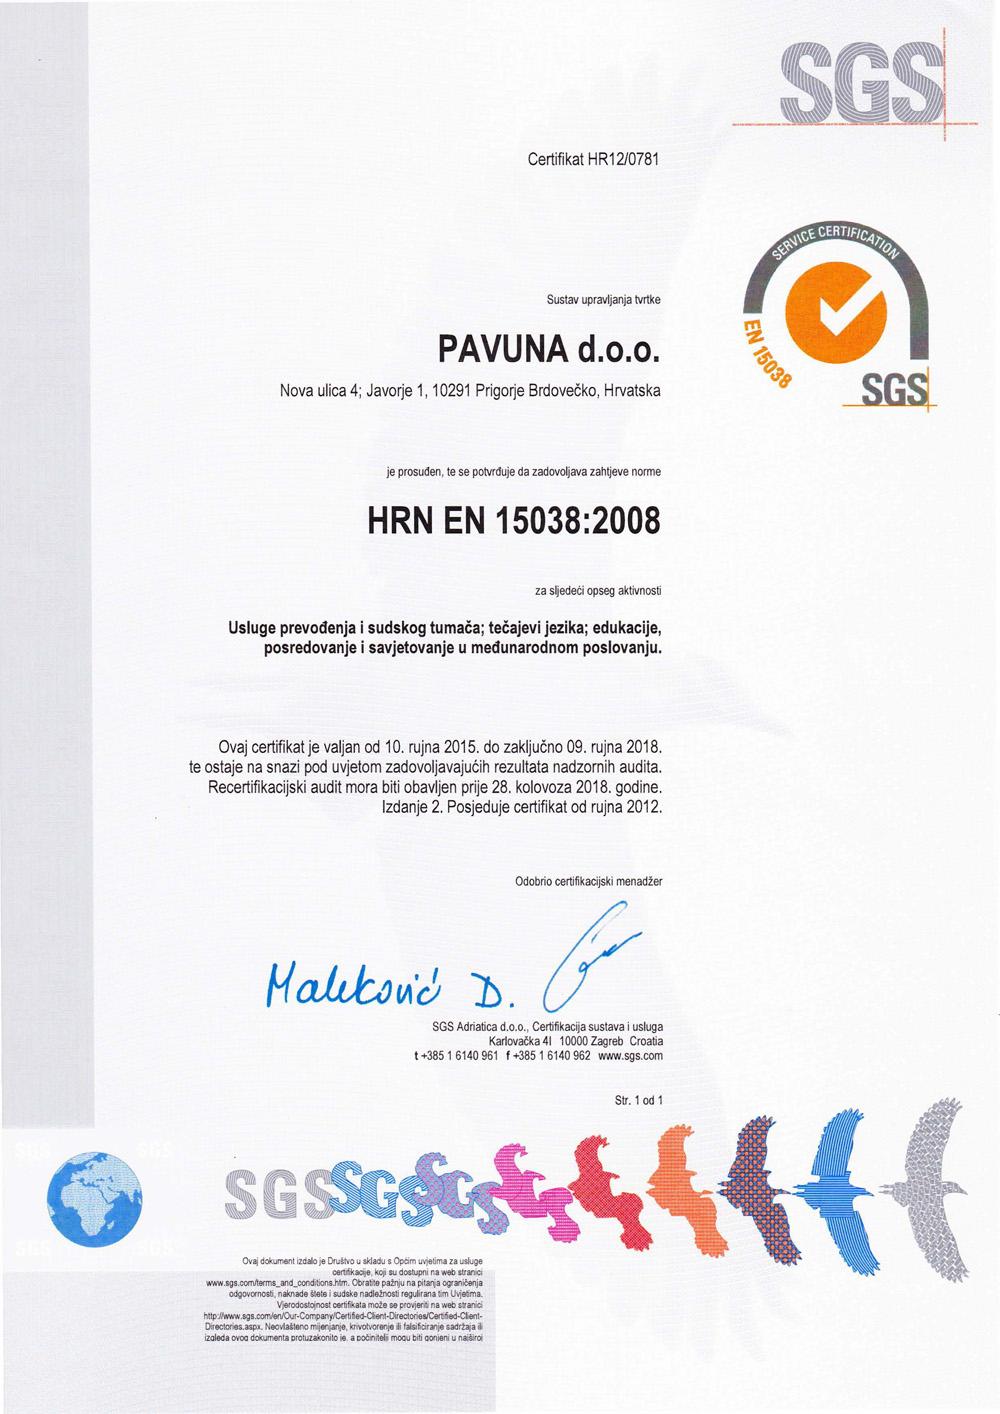 Prijevodi certifikat